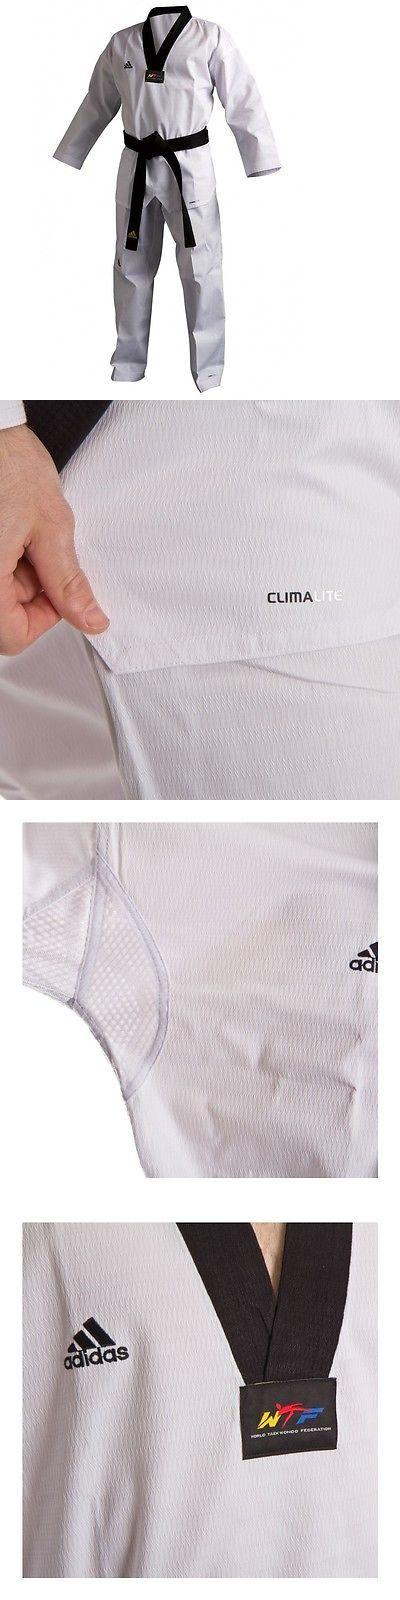 Uniforms and Gis 179774: New Adidas Taekwondo Uniform Adichamp 3 Tkd Dobok Set -White W Black V-Neck -> BUY IT NOW ONLY: $89.99 on eBay!